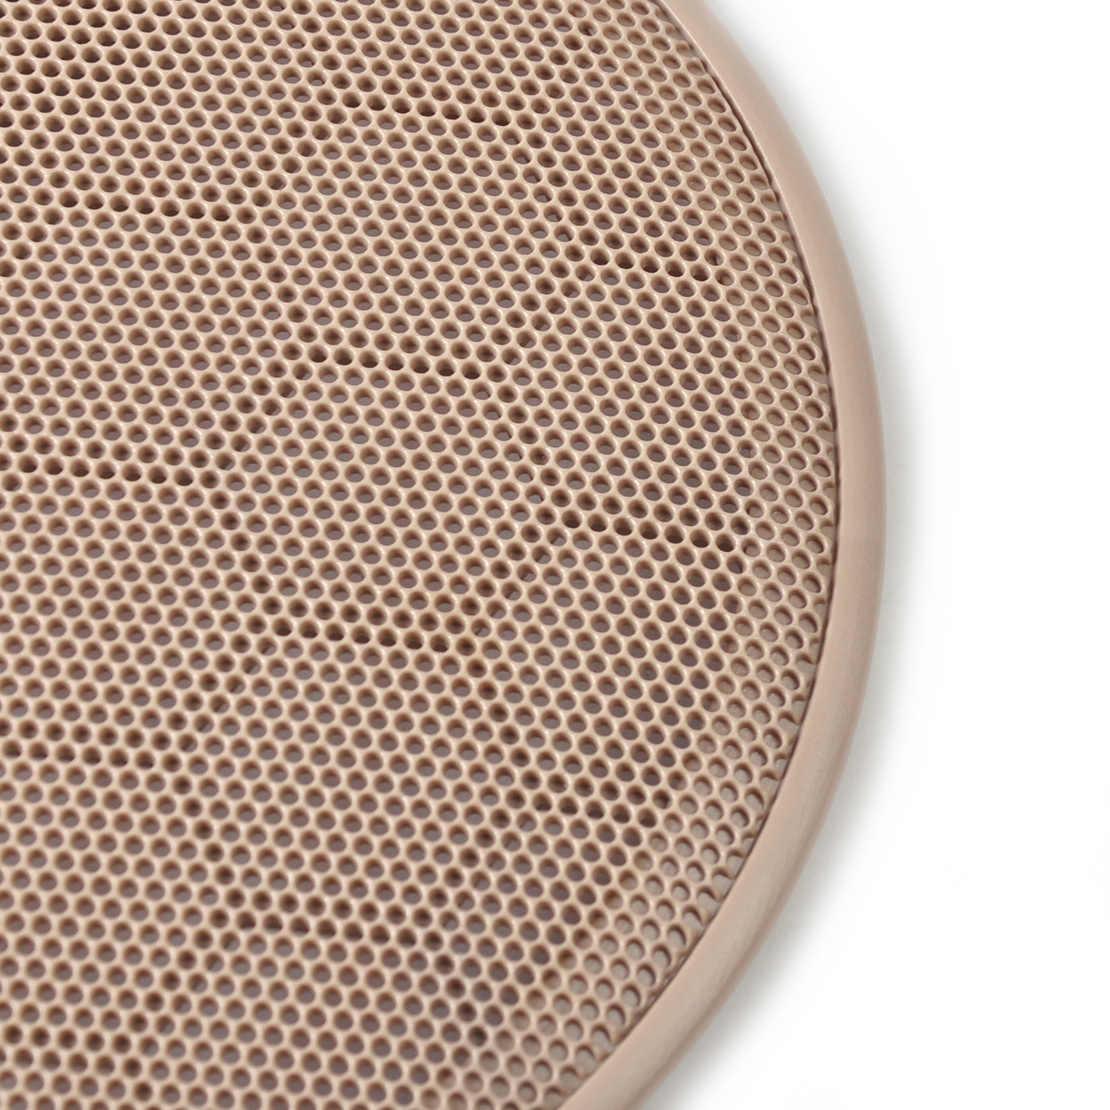 dwcx 2pcs door loud speaker cover grill 3b0868149 for volkswagen passat b5 jetta mk4 golf gti  [ 1110 x 1110 Pixel ]